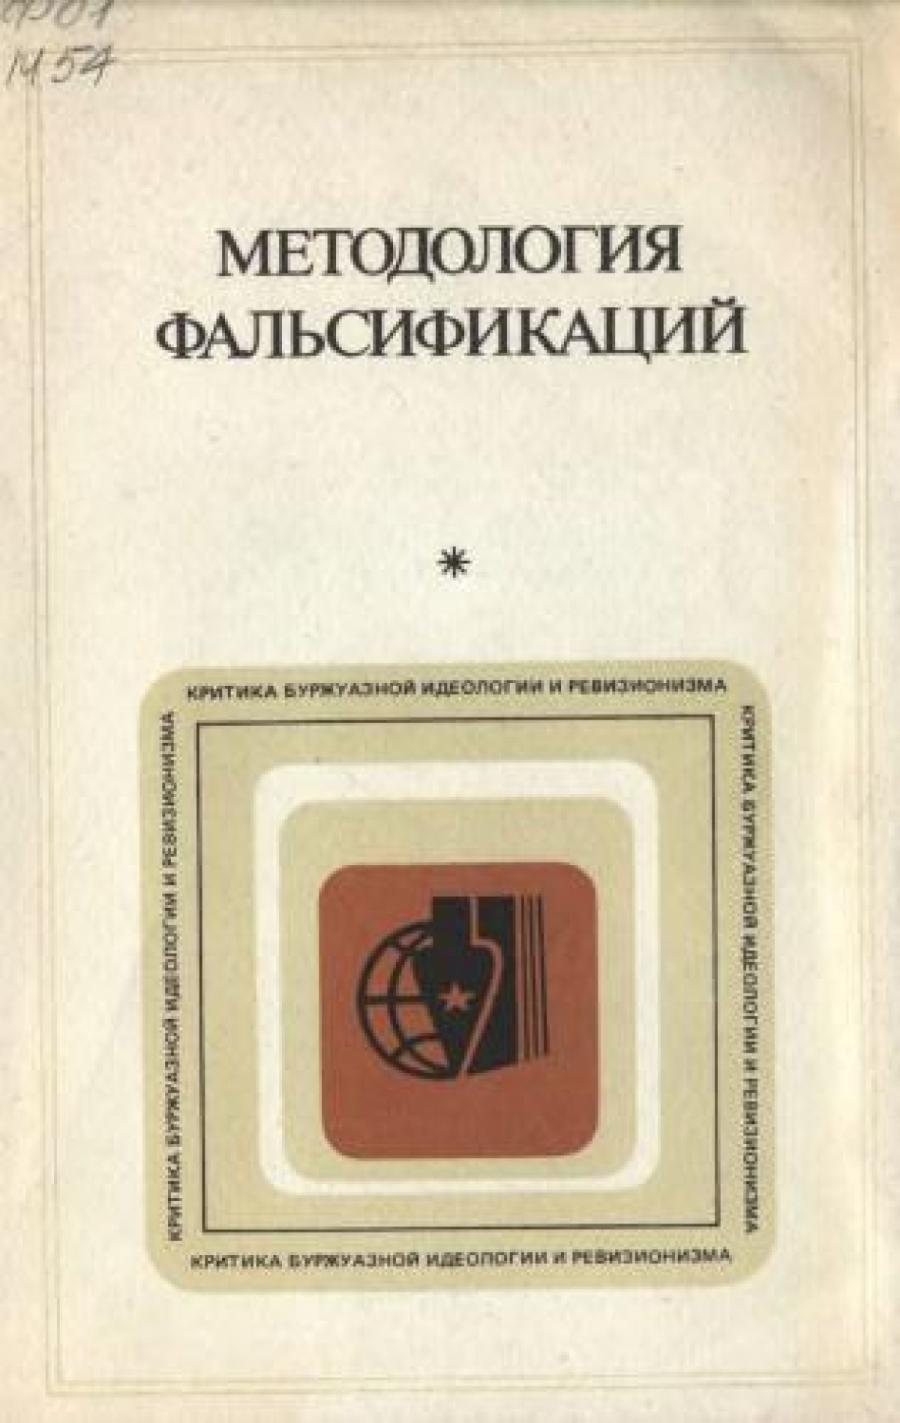 Обложка книги:  ольсевич ю.я. и др. - методология фальсификаций. о буржуазных концепциях экономики социализма